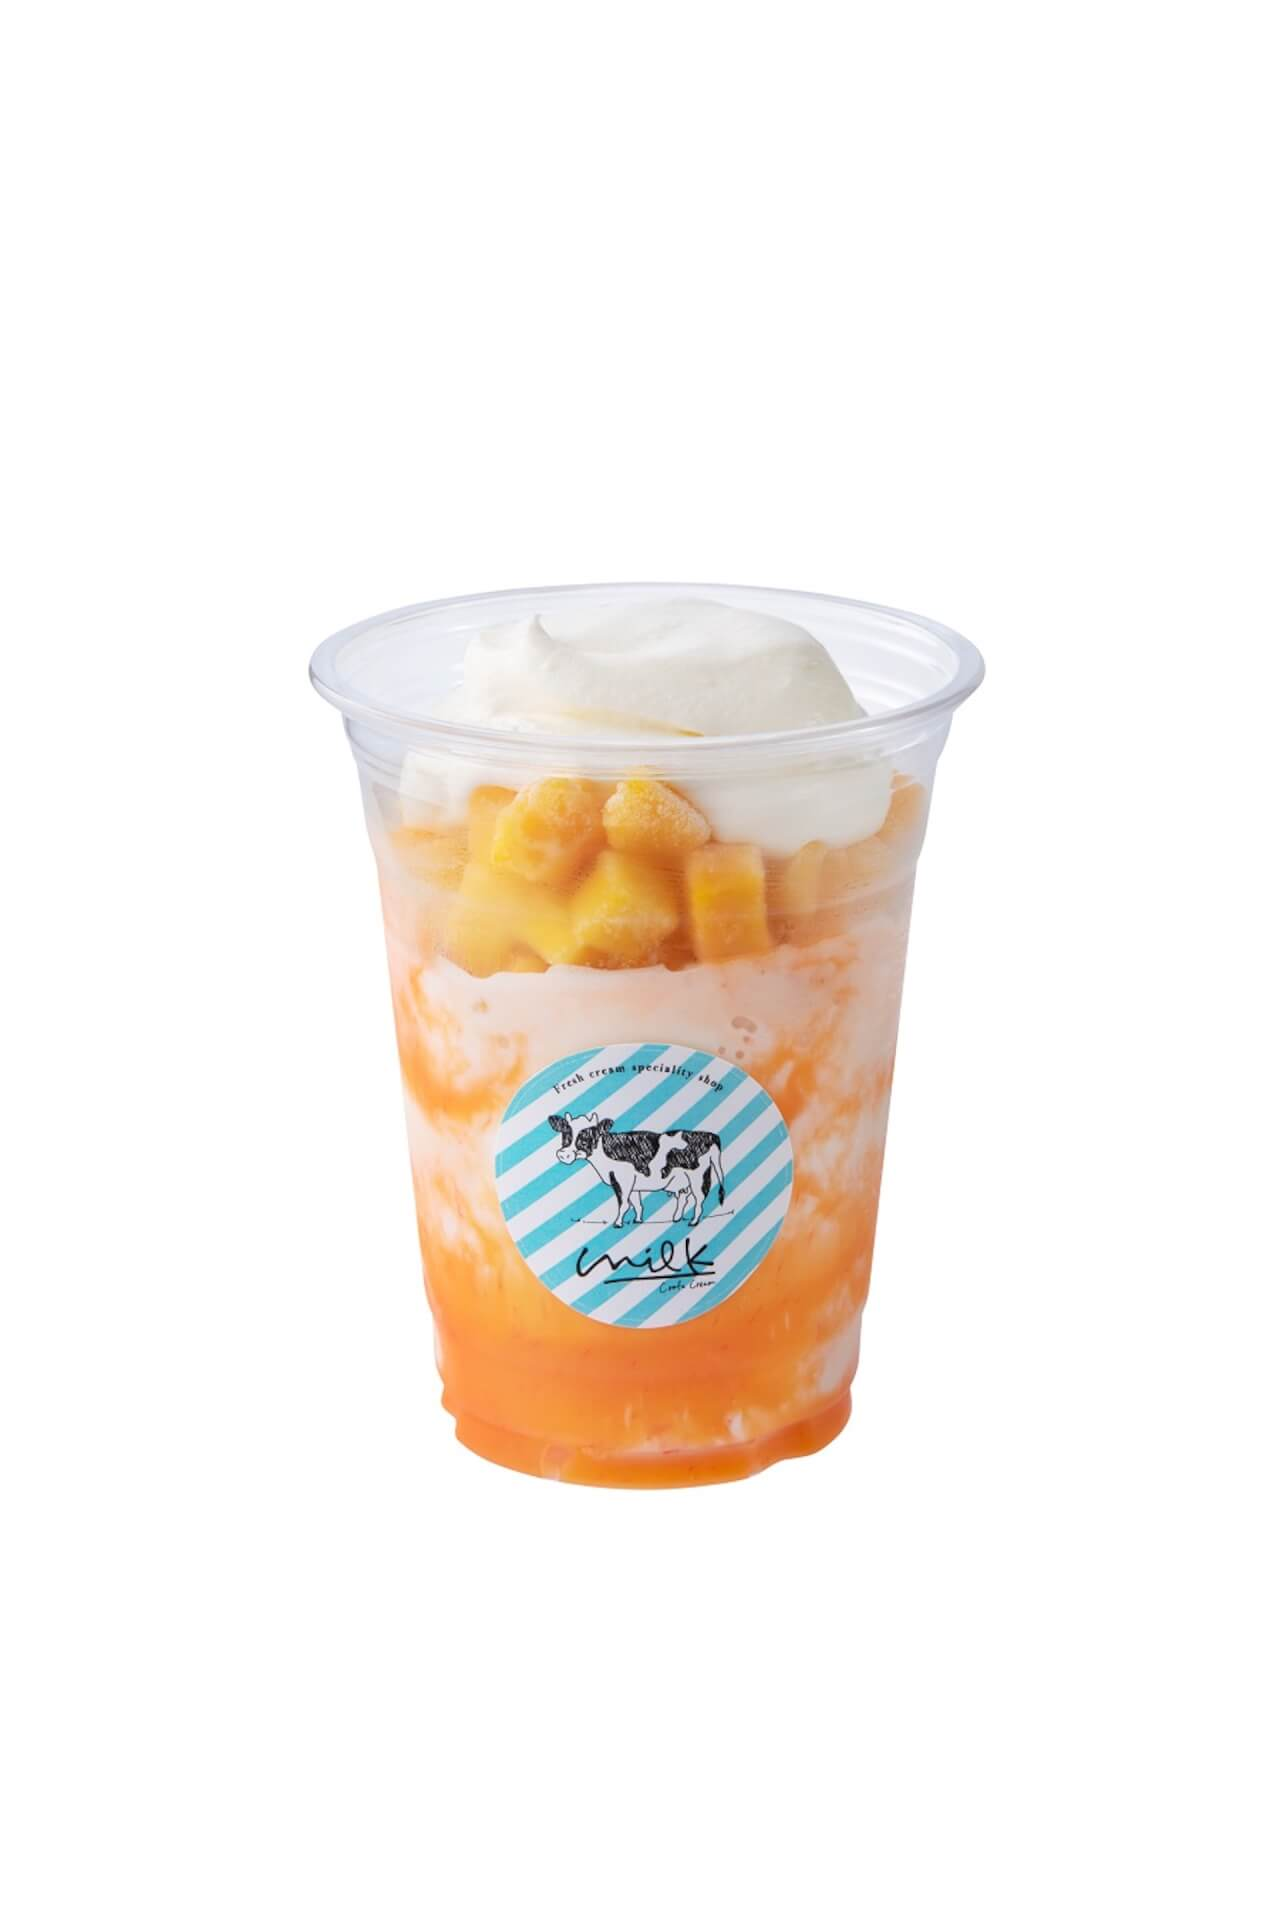 渋谷ミルクがかき氷屋さんに!ふわふわのいちごやマンゴーなどの果物のかき氷が食べ歩きサイズ・夏季限定で新登場 gourmet200709_milk_kakigori_05